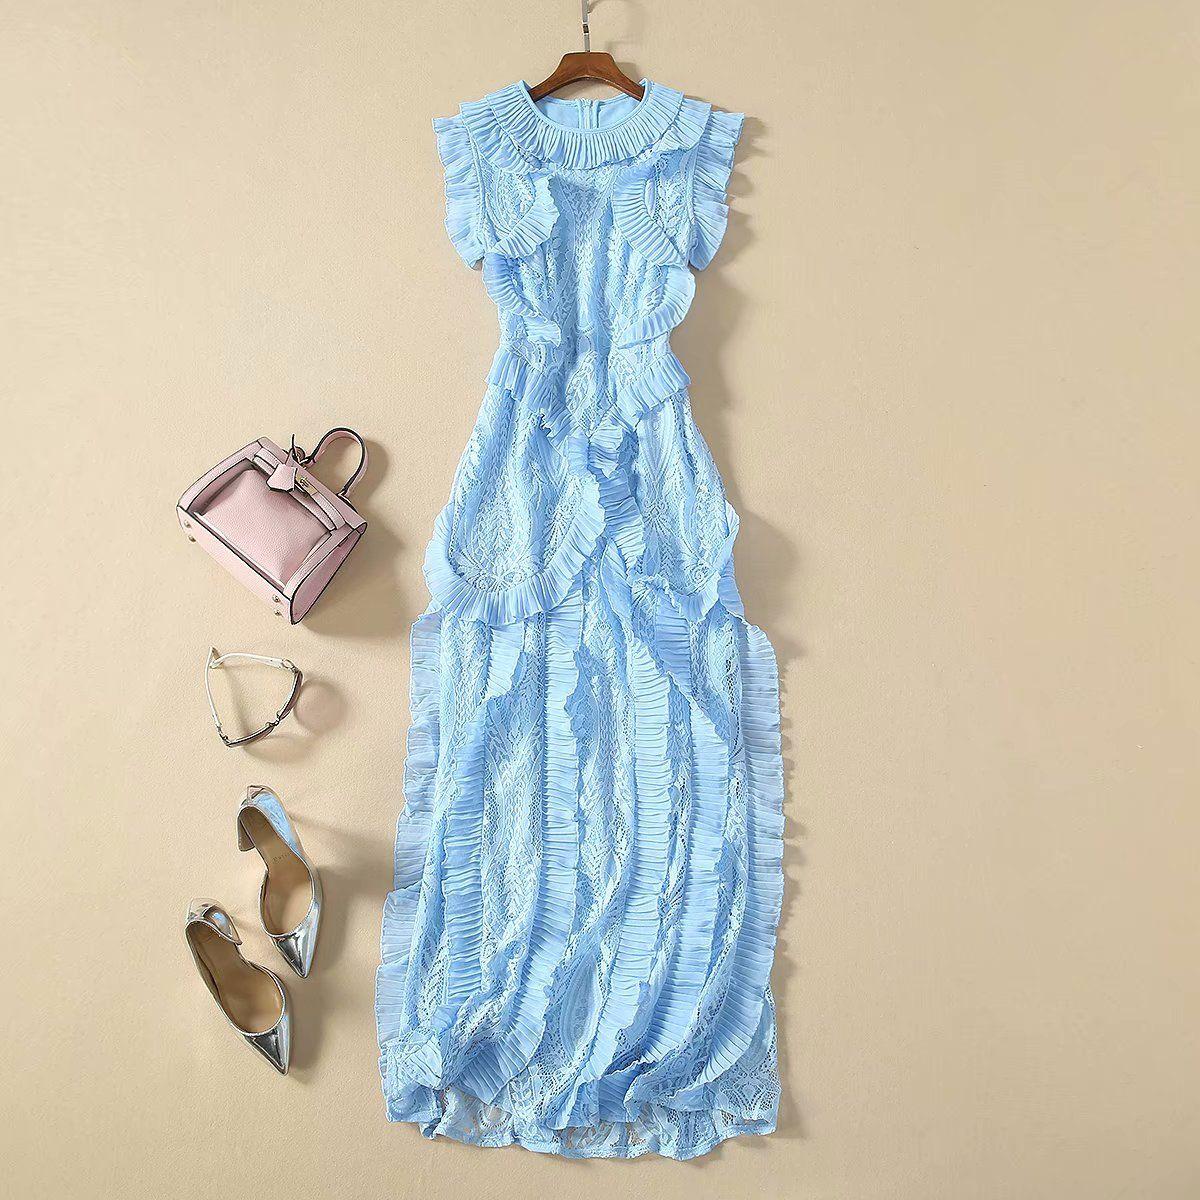 2020 Yeni Bahar Yaz O Boyun Kolsuz Kasetli Dantel Milan Pist Elbise Tasarımcı Elbise Marka Same Tarzı Elbise 12-15,4